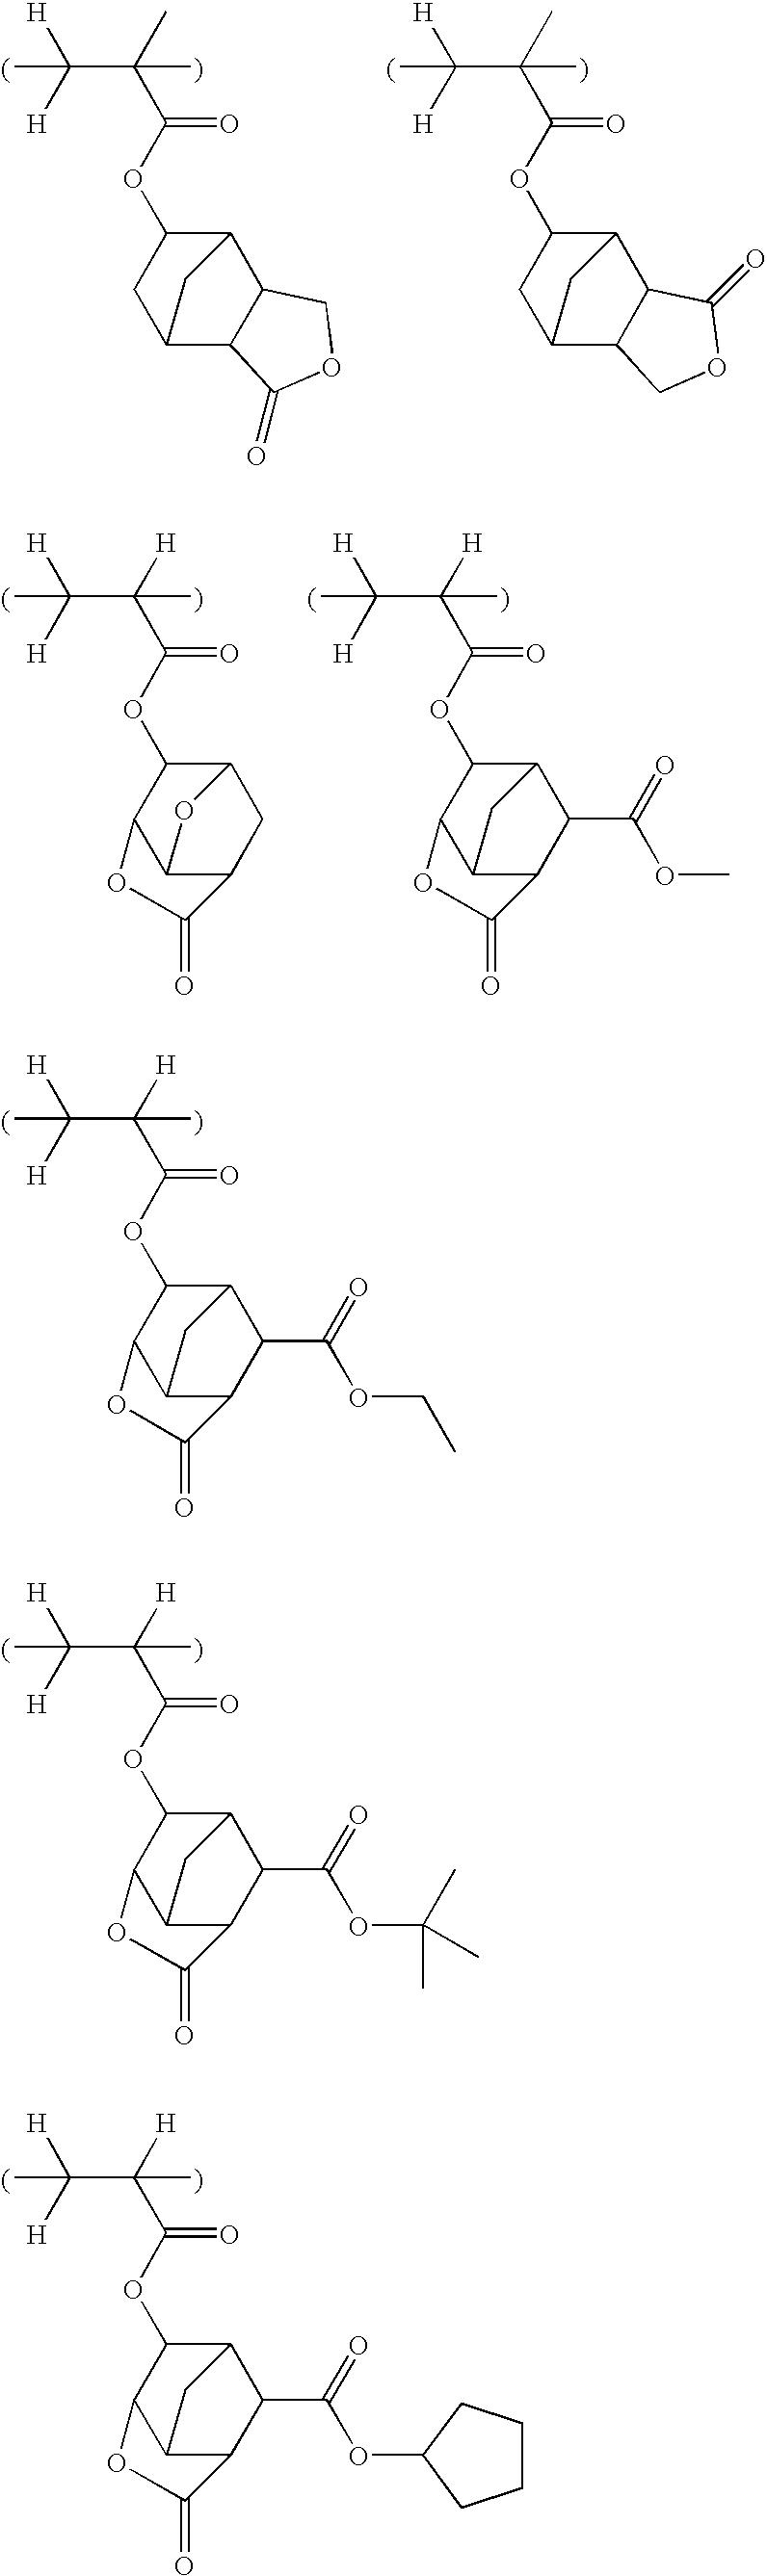 Figure US20090011365A1-20090108-C00054